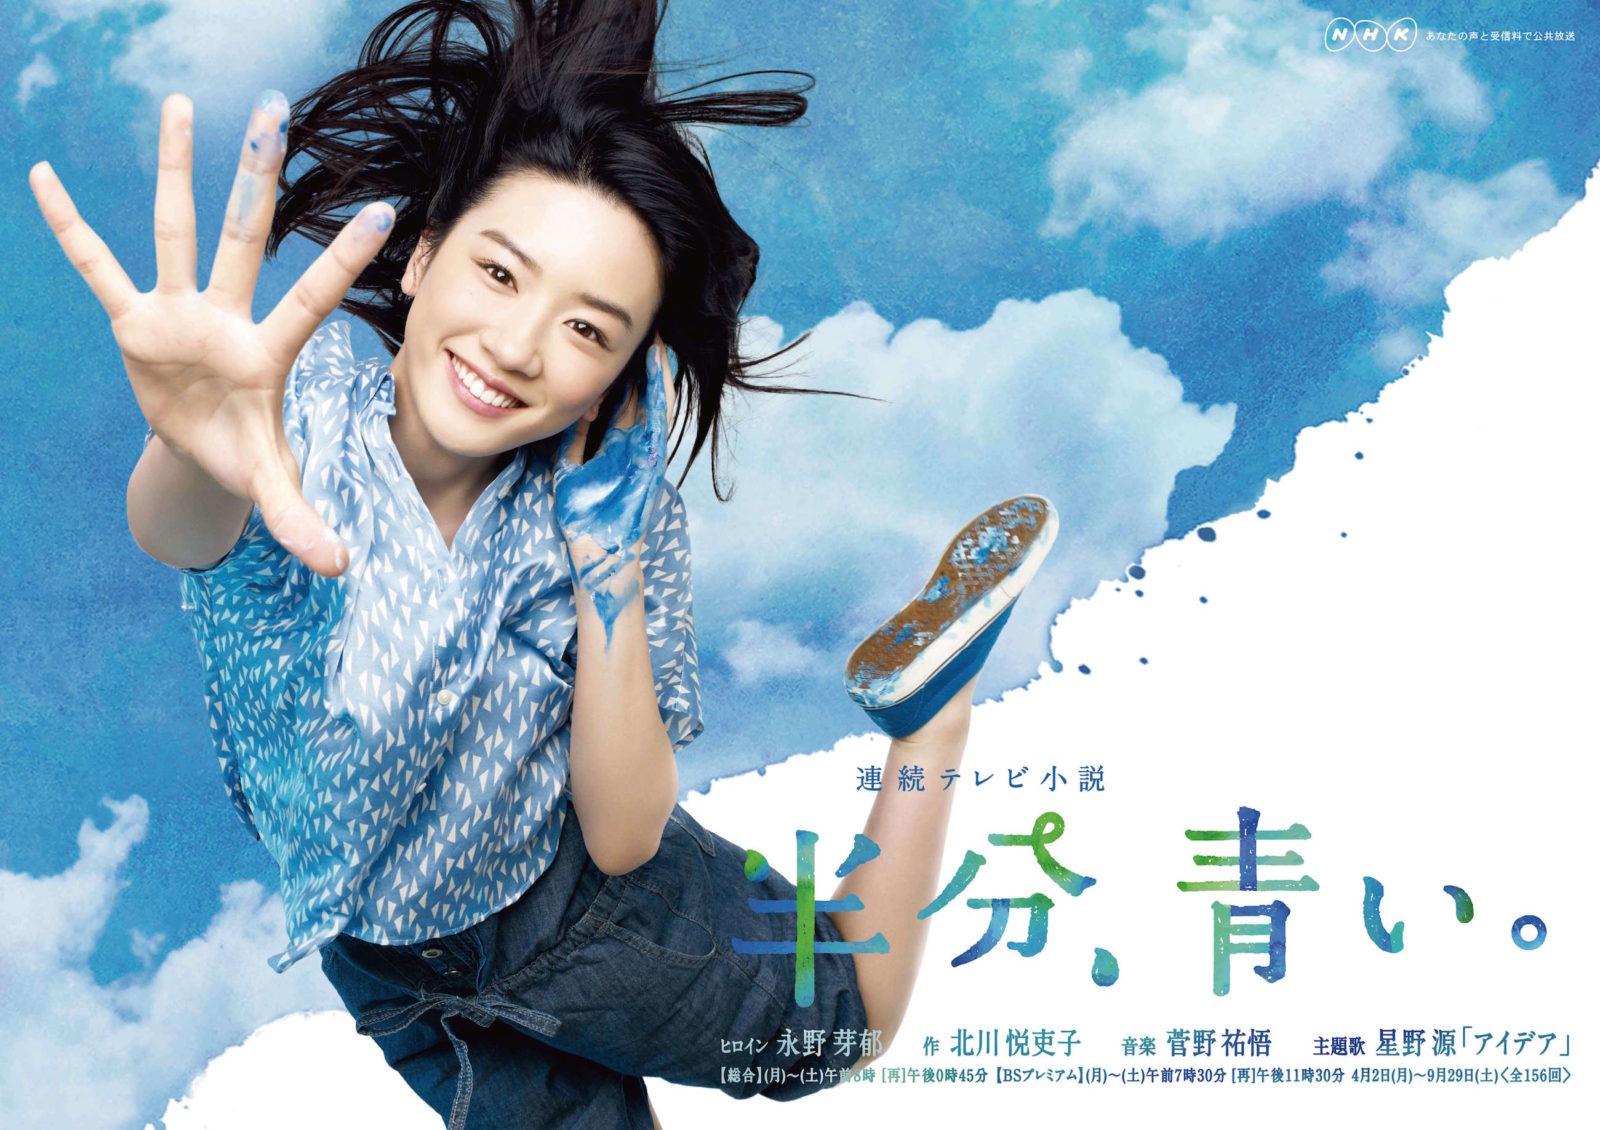 両思いになった鈴愛・草太の結婚計画…『半分、青い。』第15週は波乱の予兆?サムネイル画像